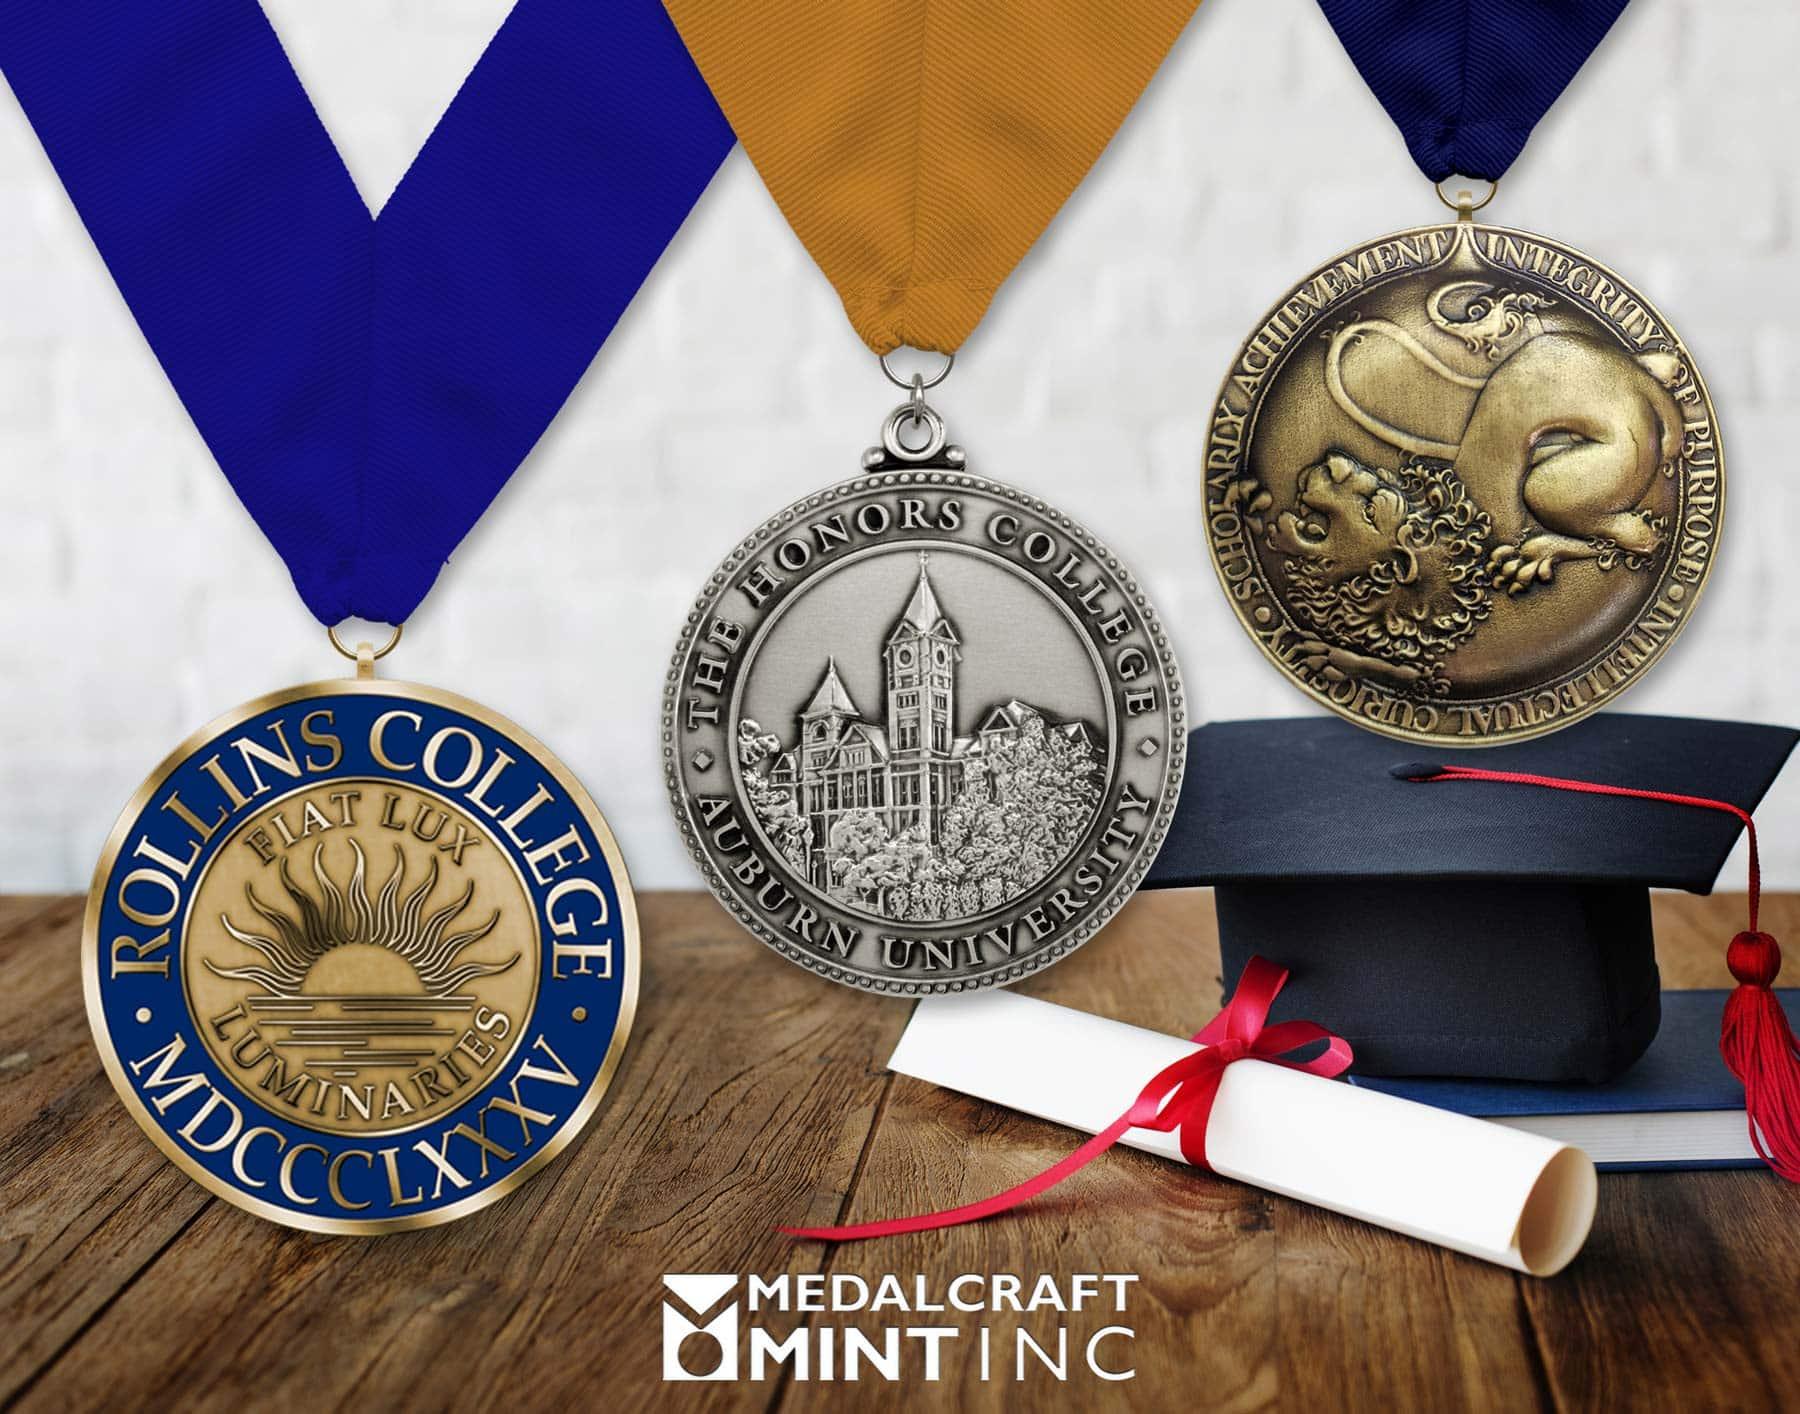 Medalcraft Mint graduation medals